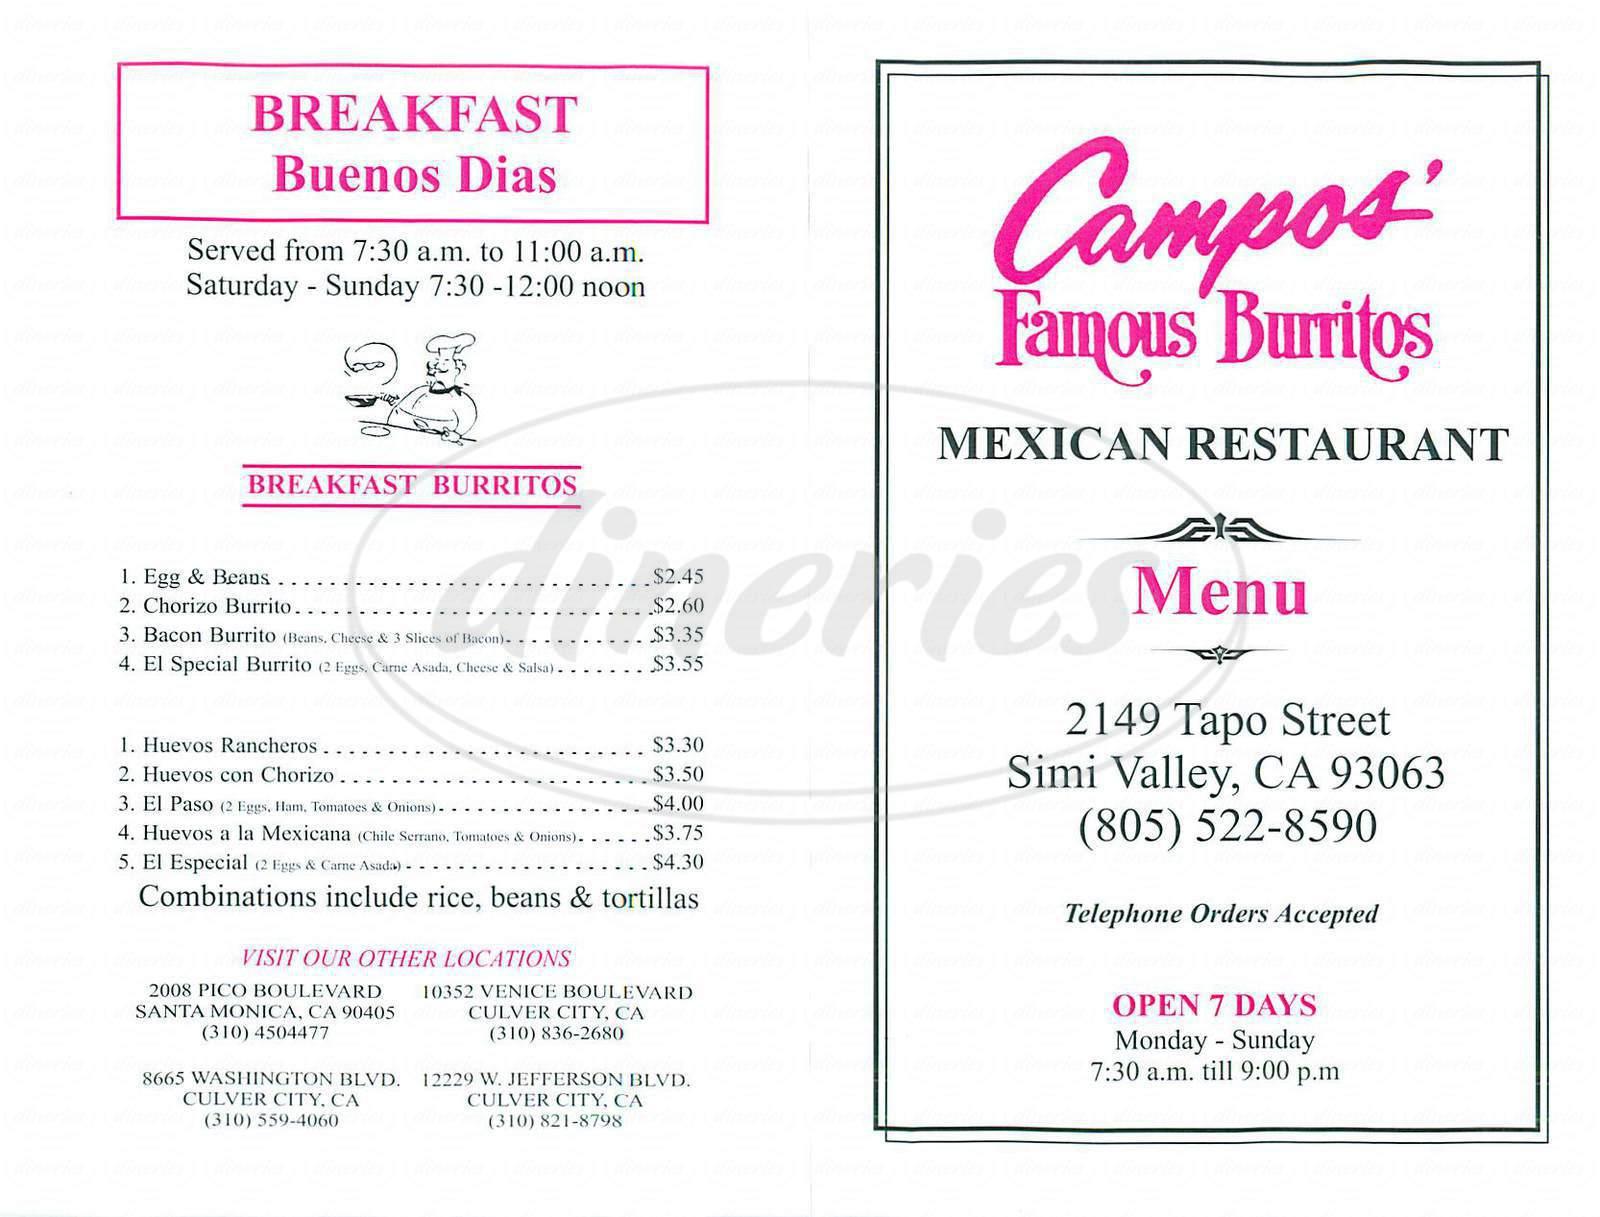 menu for Campos Famous Burritos